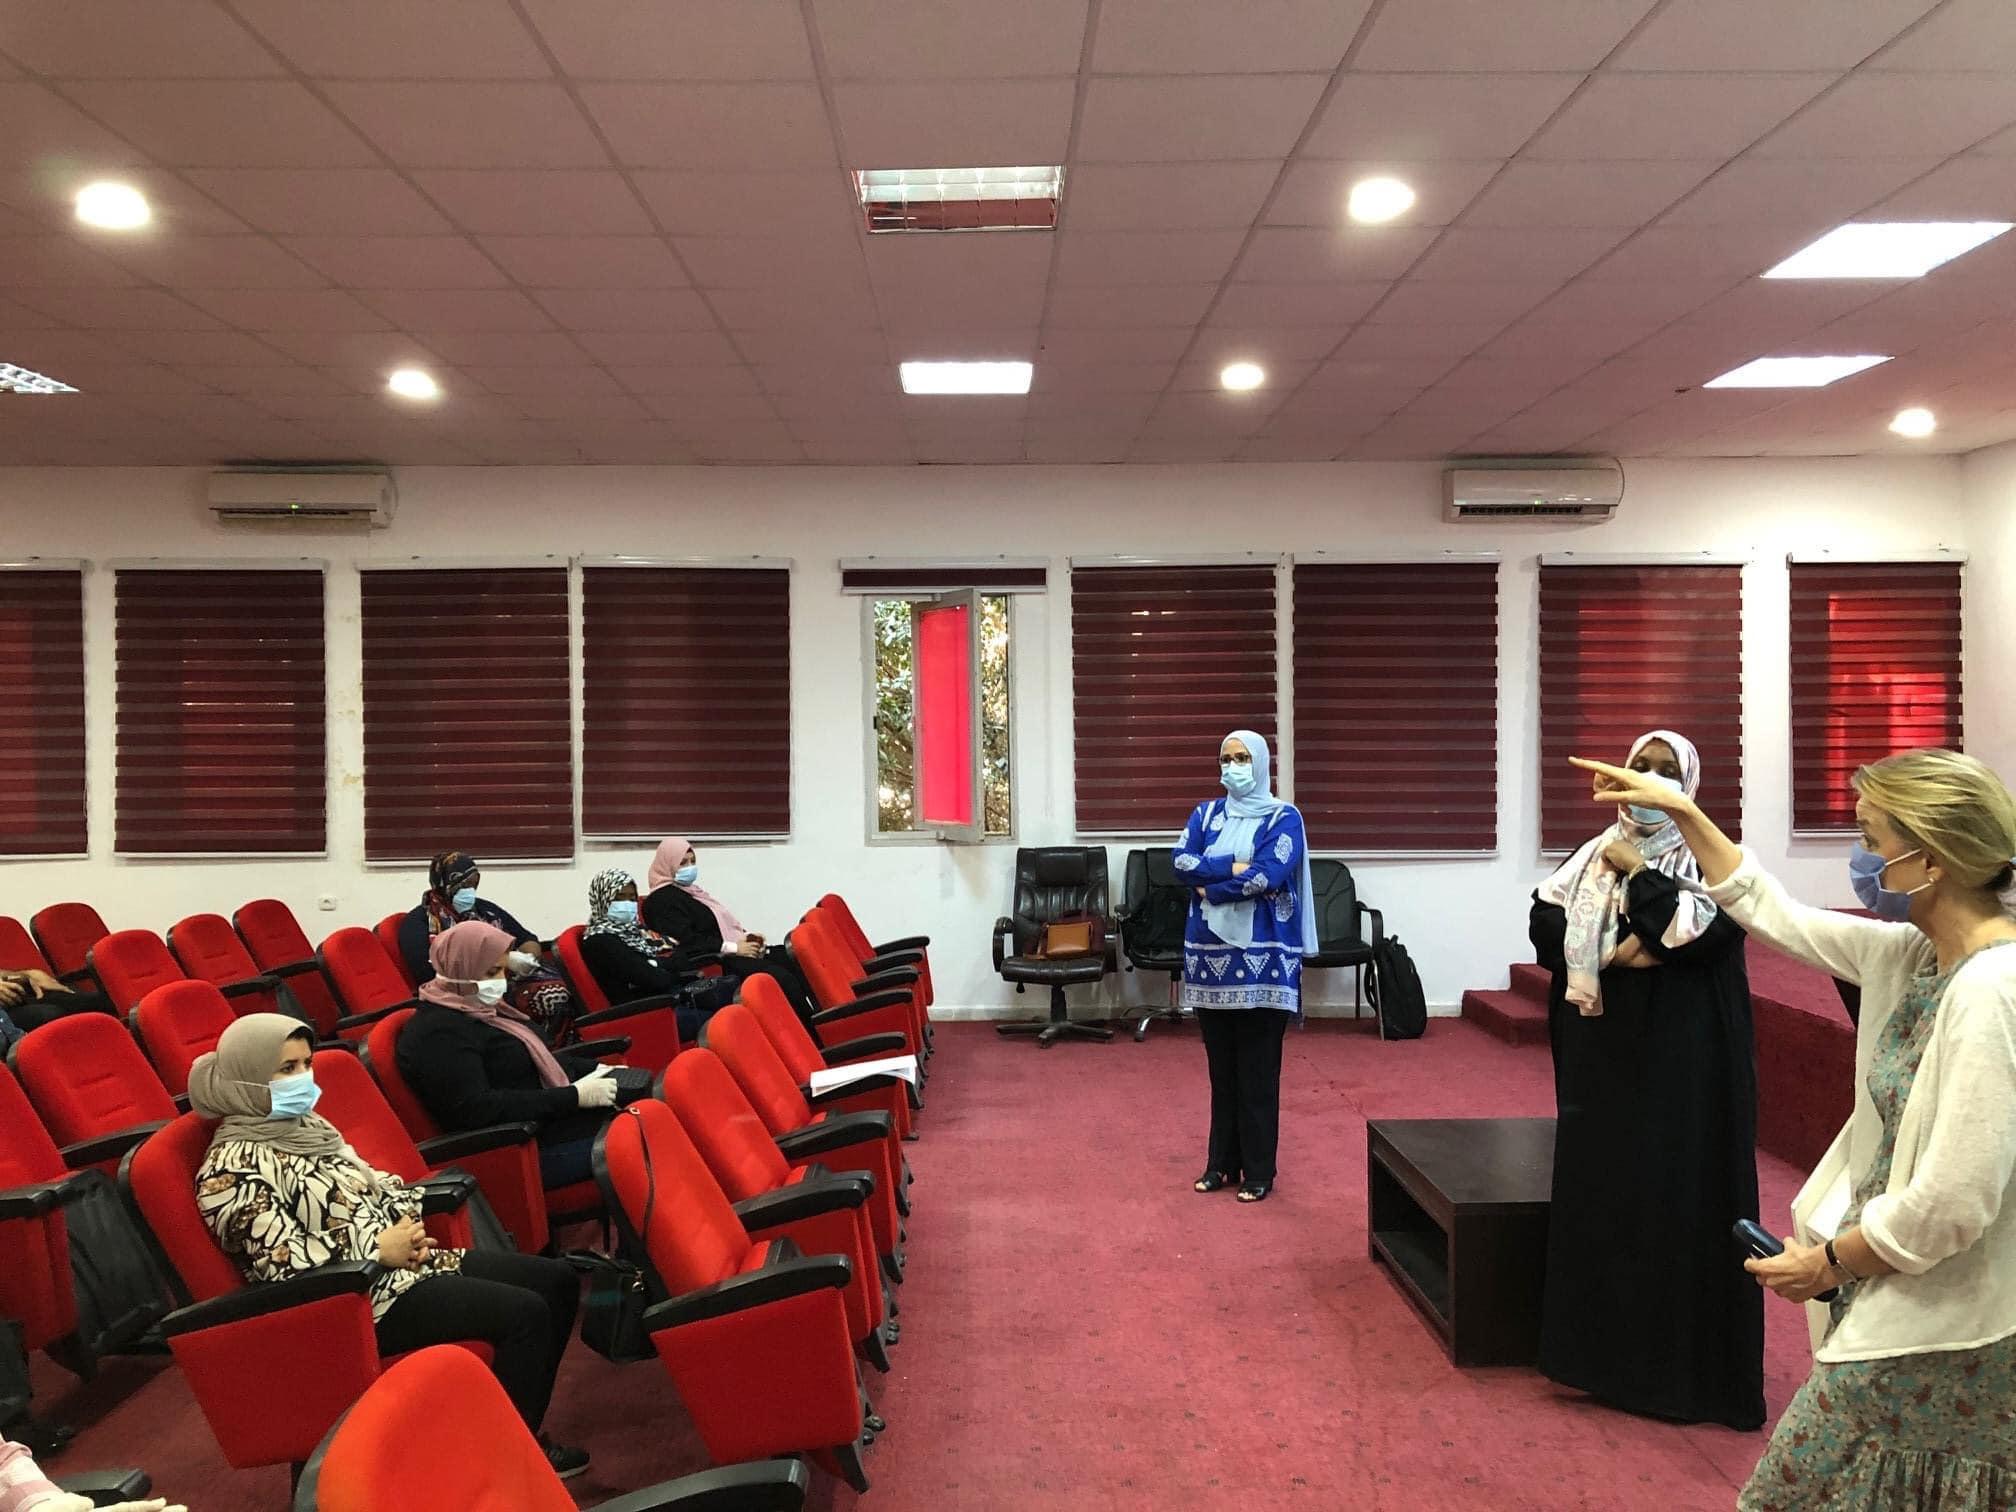 الصحة العالمية تنظم دورات تدريبية حول مكافحة كورونا في ليبيا